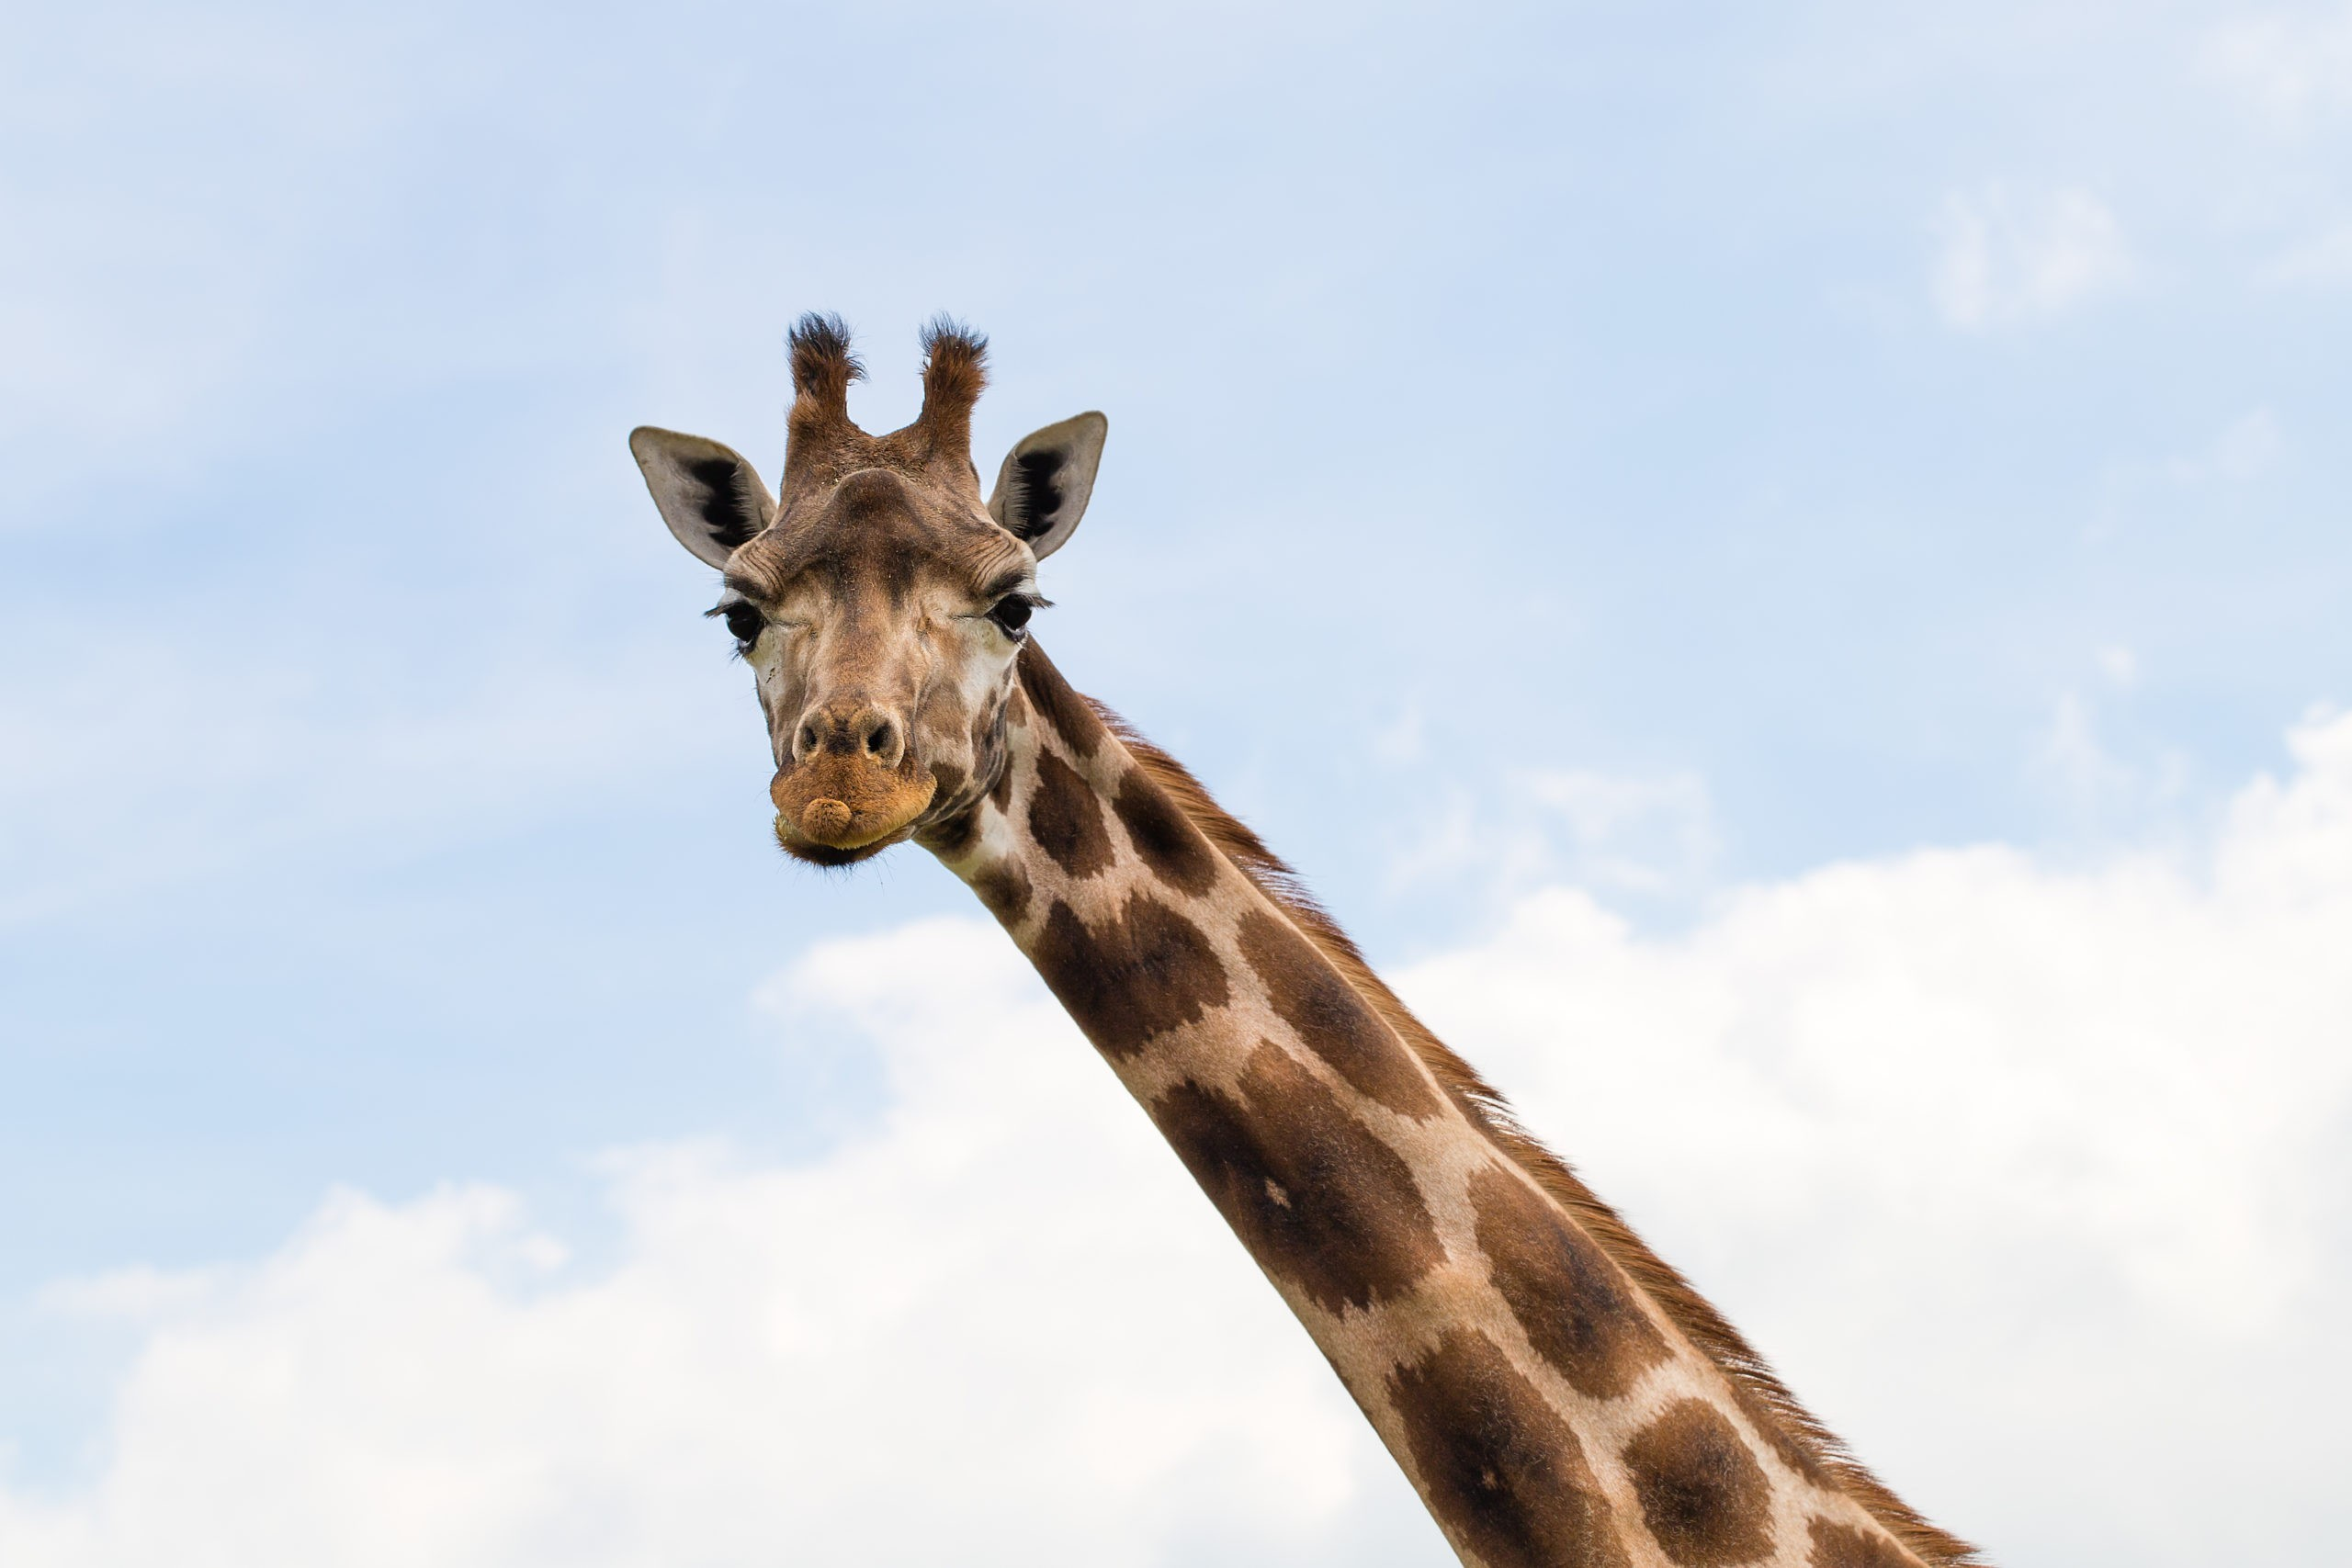 Le cou de la girafe s'est-il agrandi en tirant dessus? - Curieux!